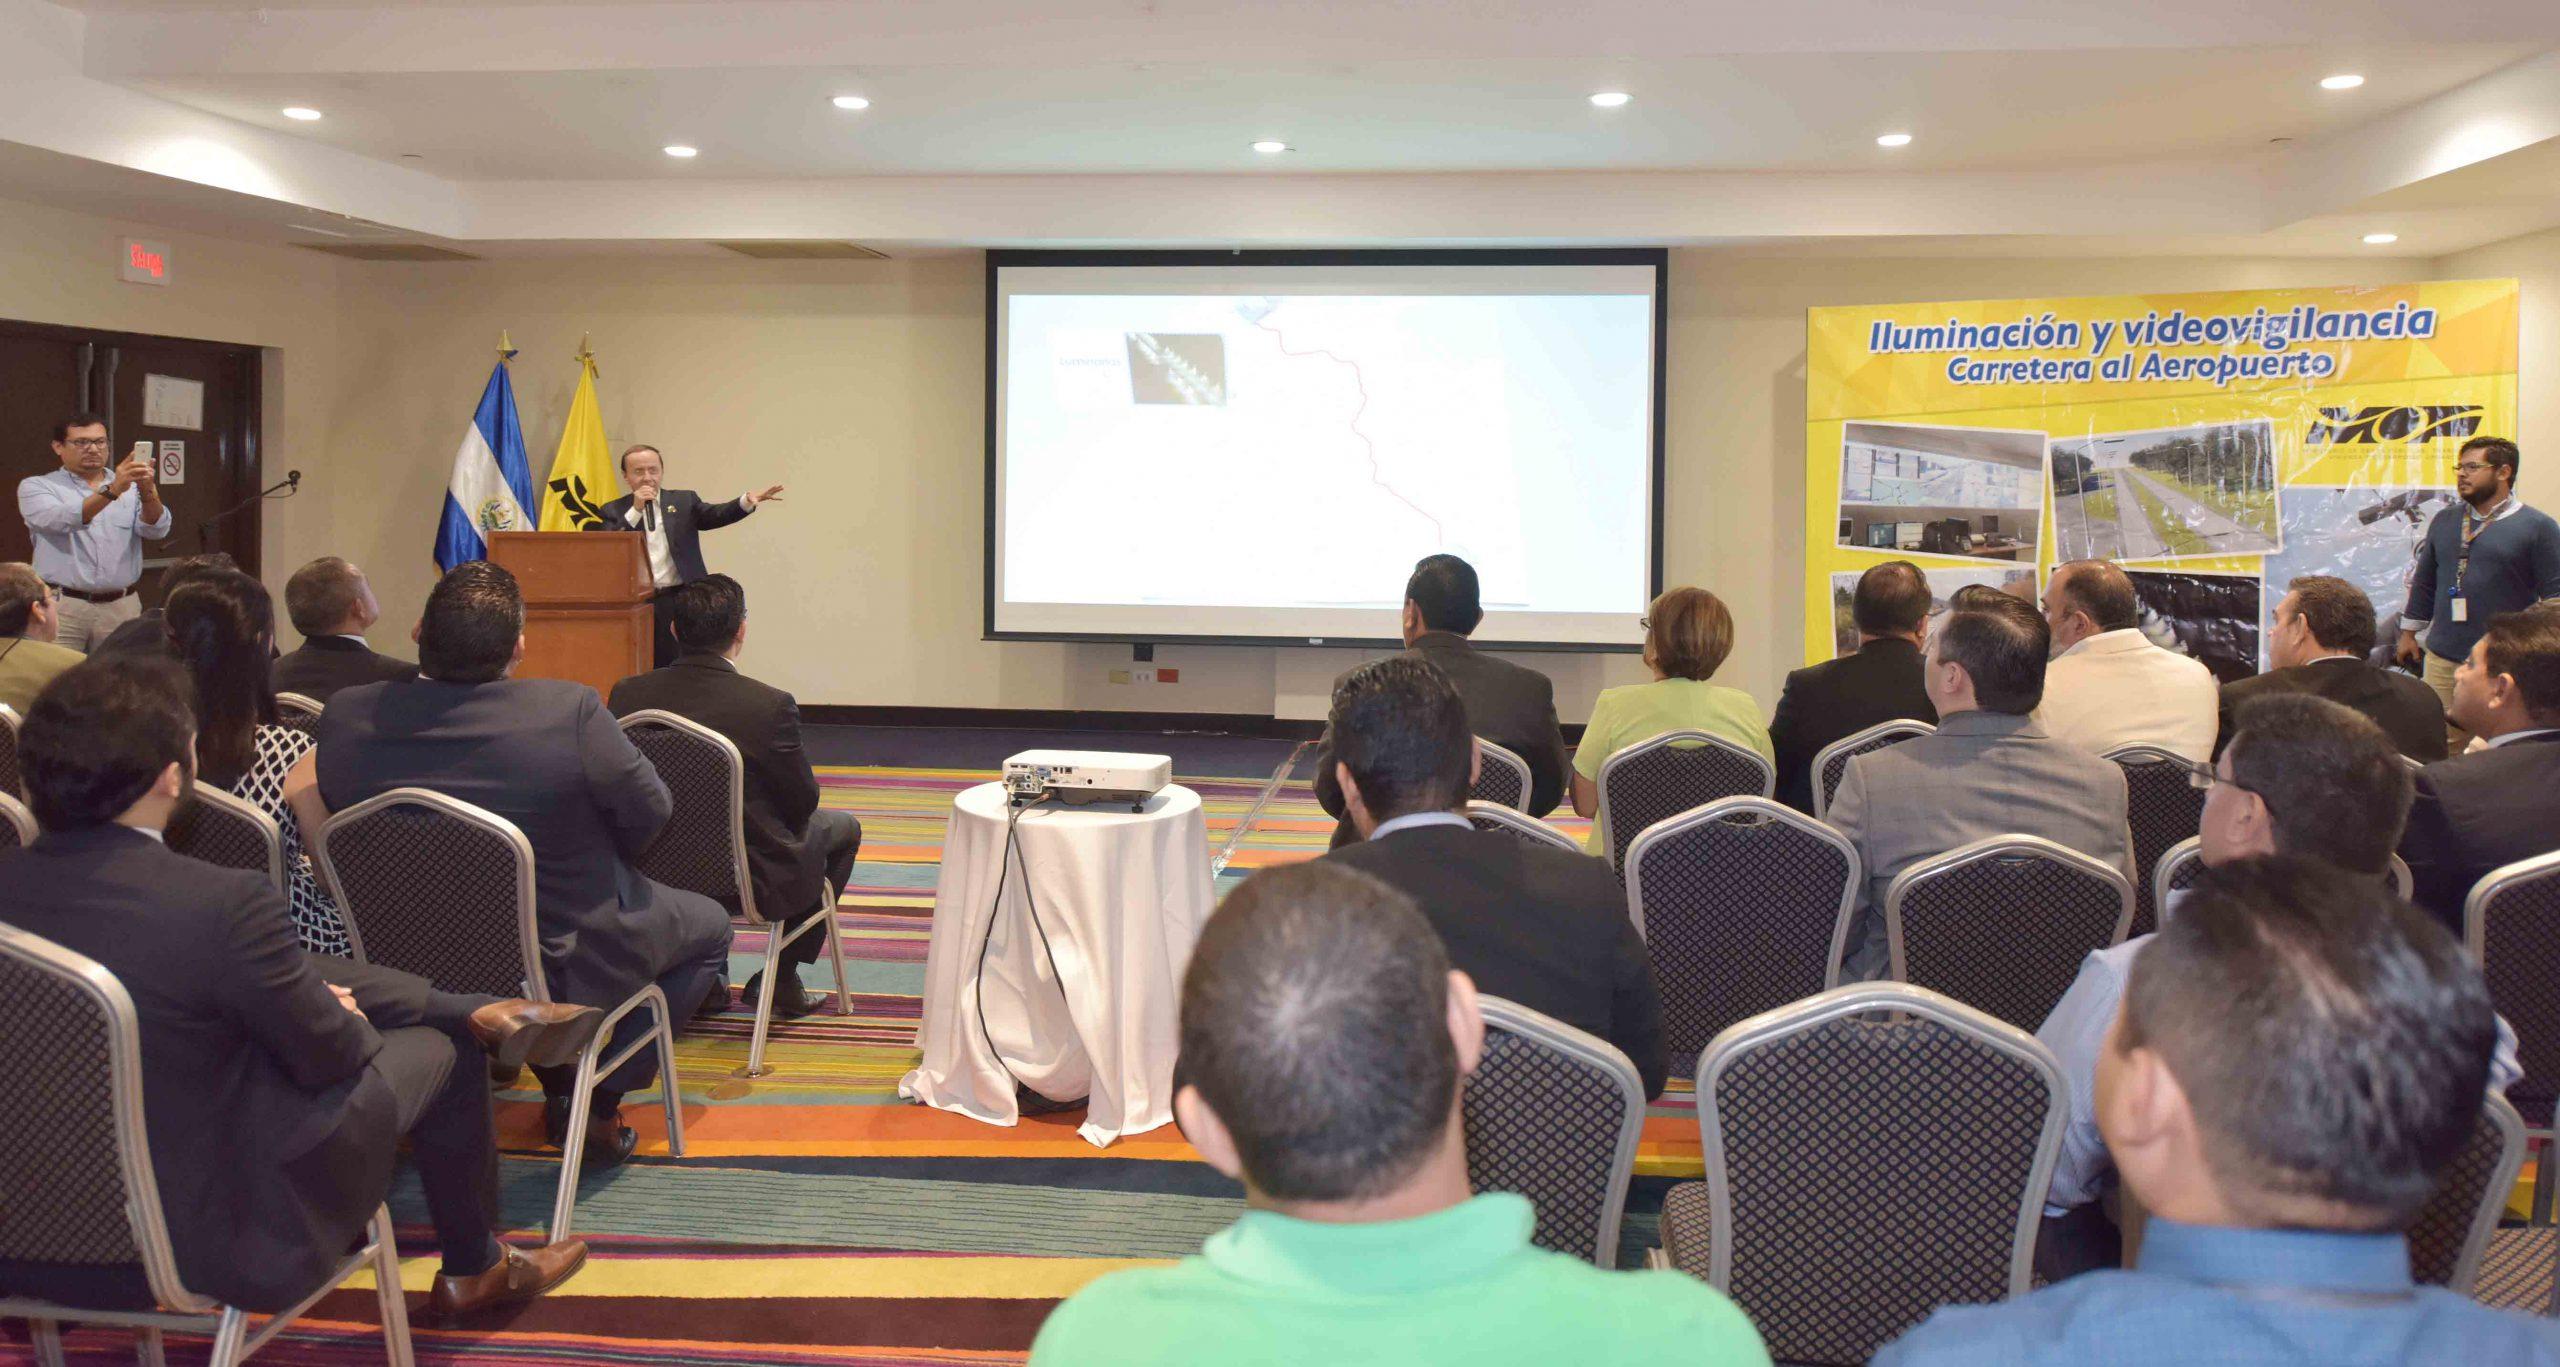 MOP presenta proyecto de iluminación y videovigilancia en Carretera al Aeropuerto Internacional